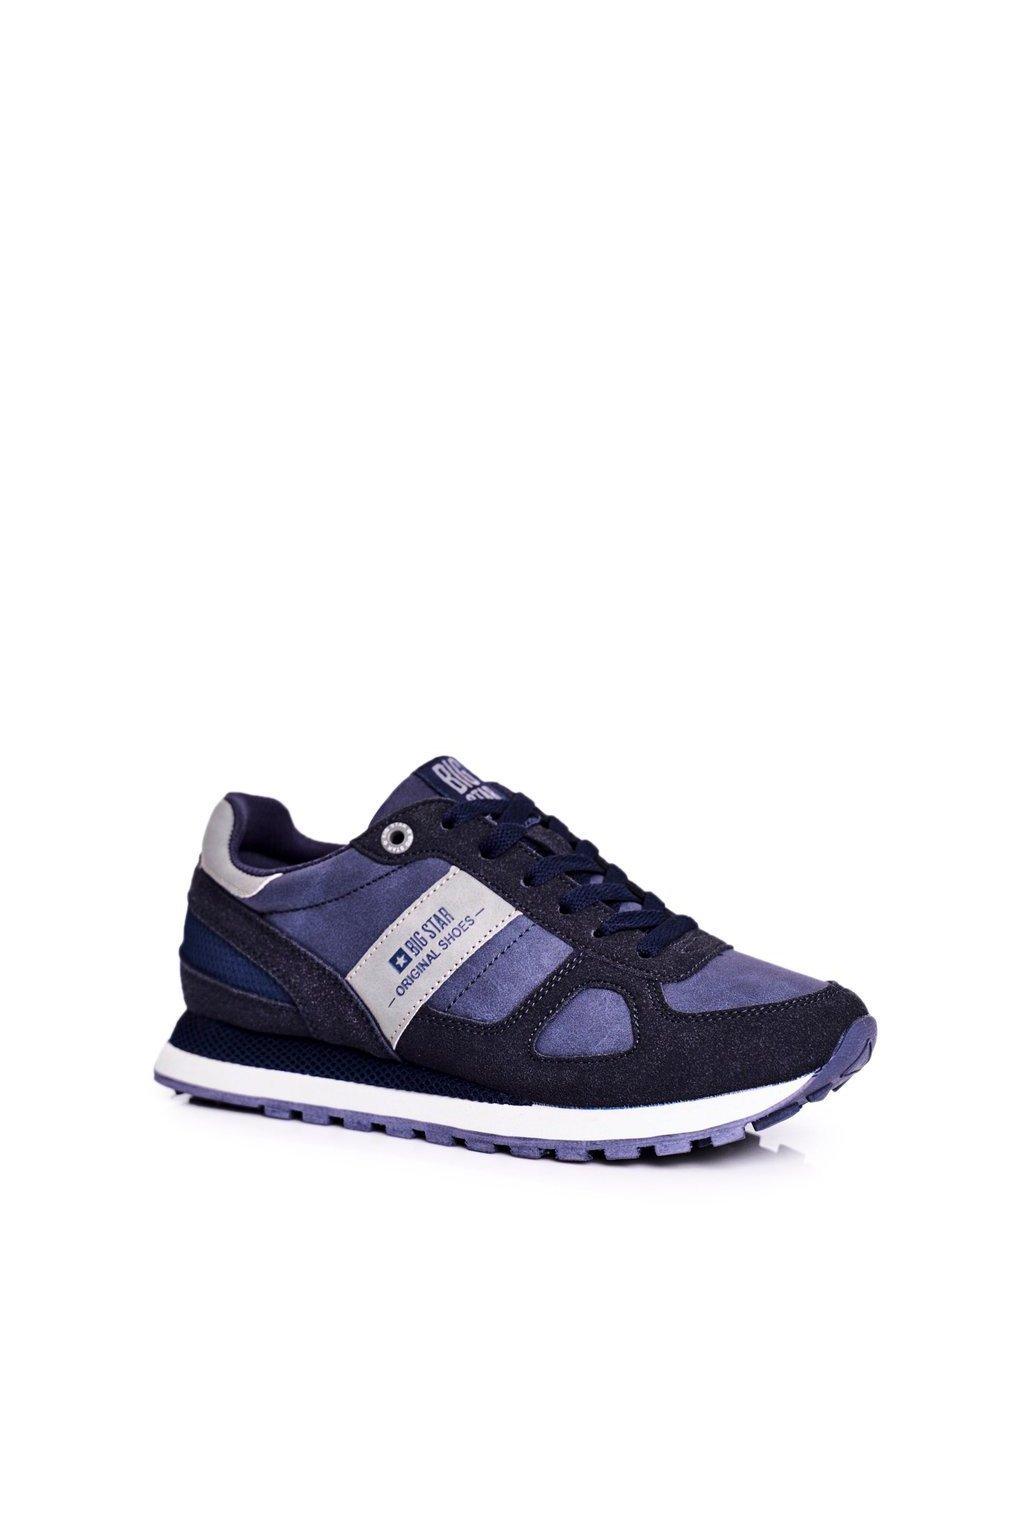 Dámske tenisky farba modrá kód obuvi GG274676 NAVY